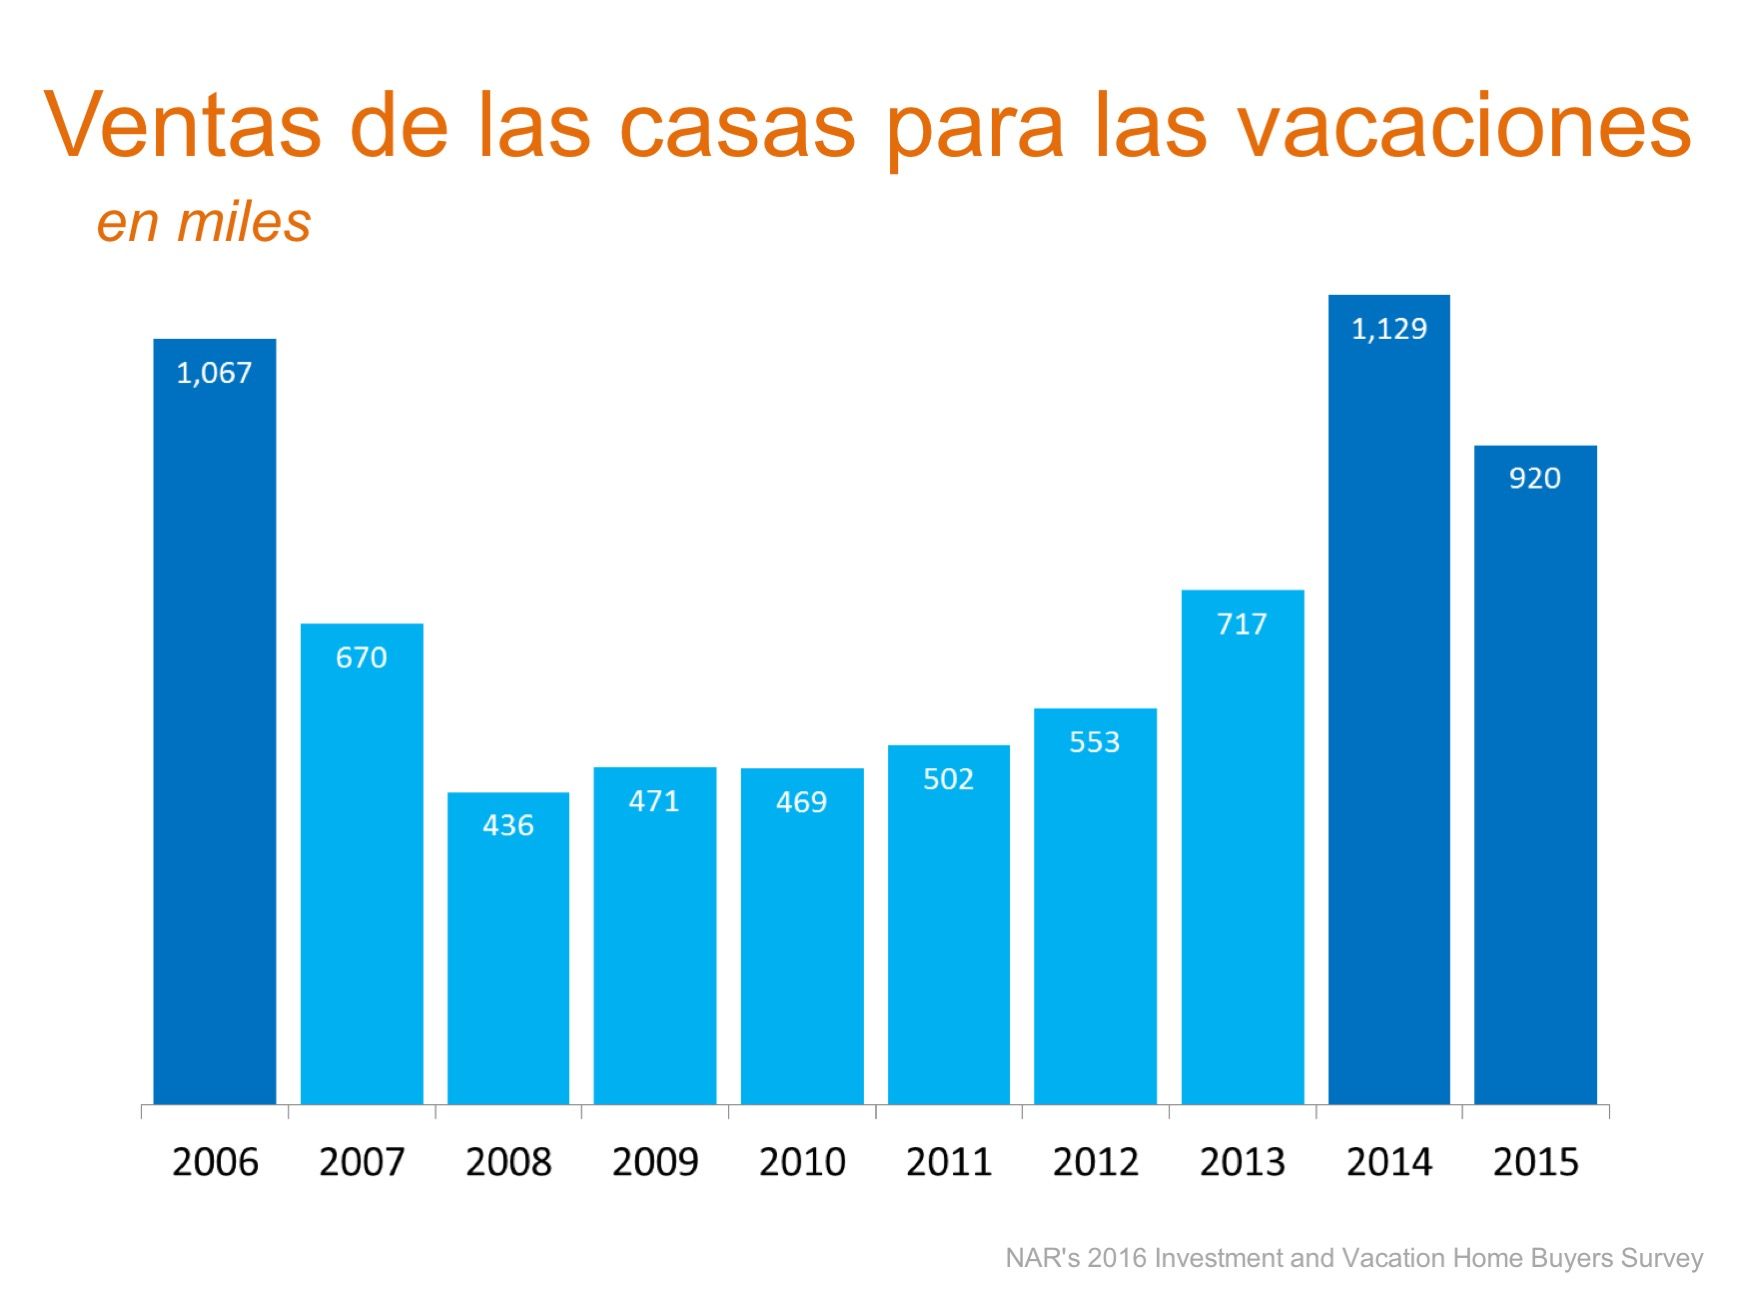 Las ventas de las casas para las vacaciones: Las ventas han bajado, los precios han aumentado| Simplifying The Market